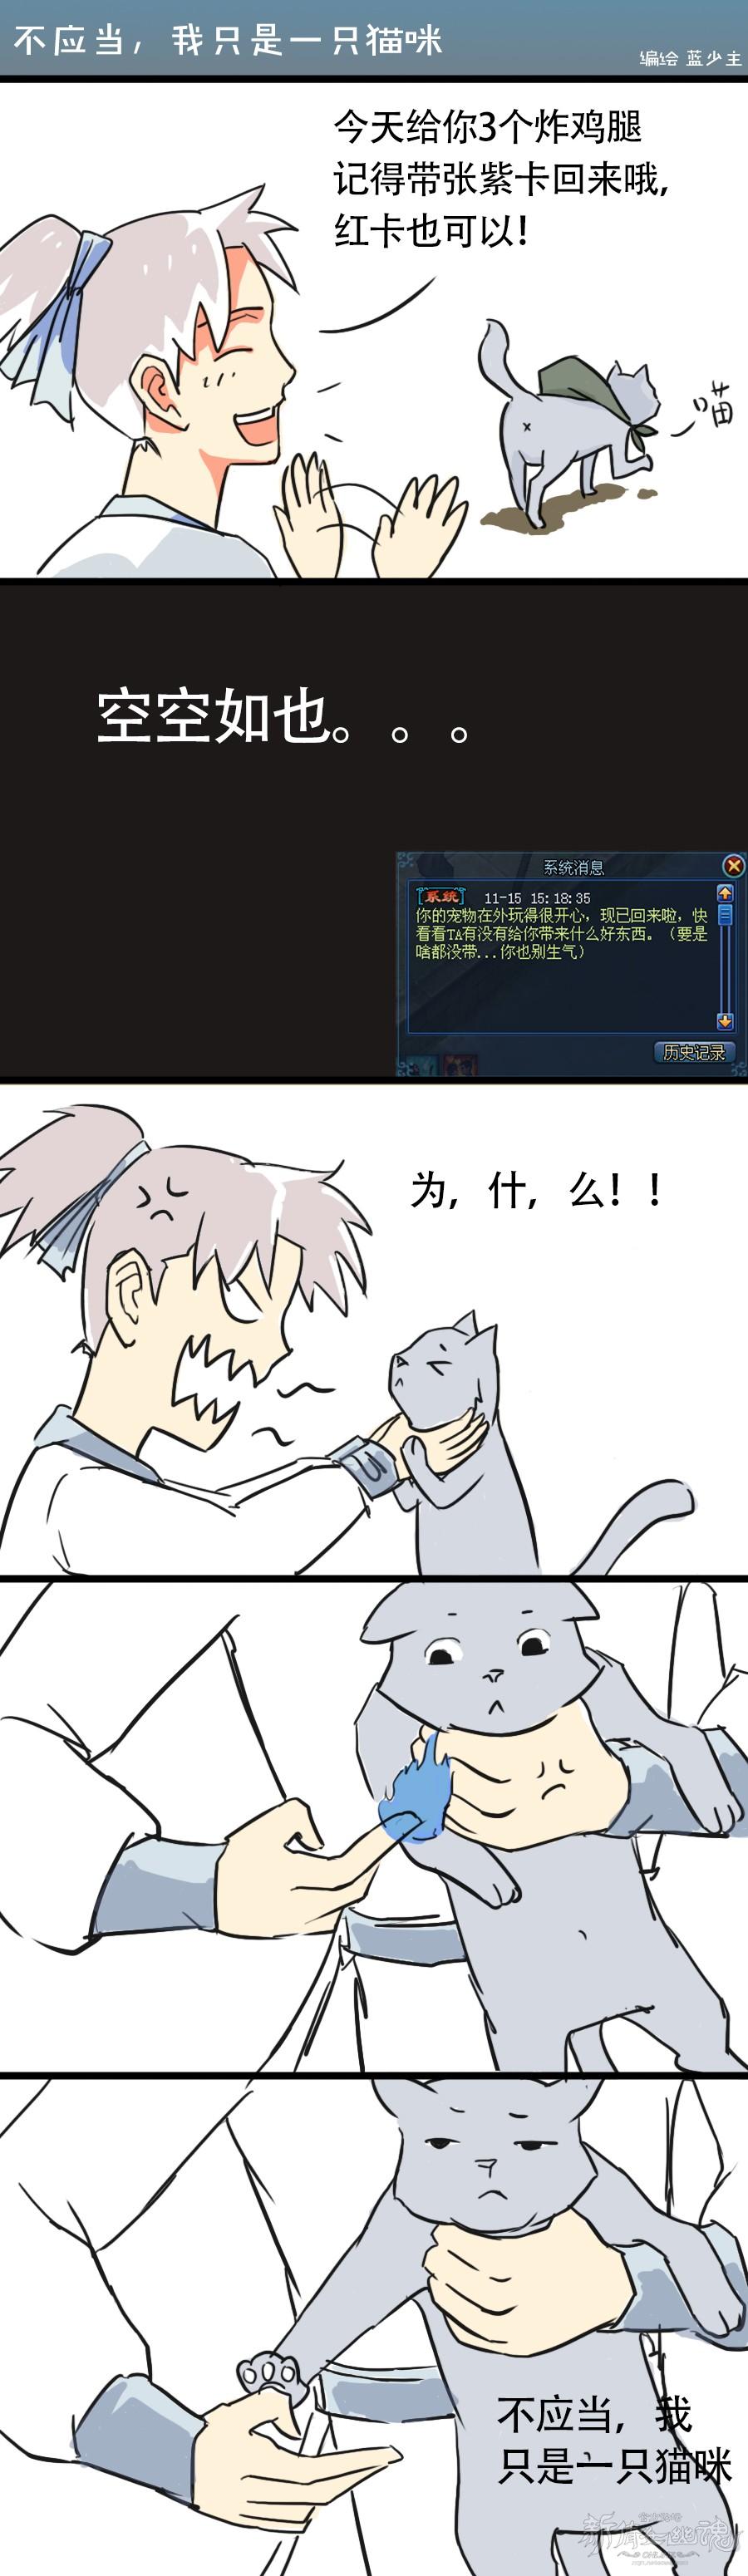 【名人堂】【条漫】《不应当我只是只猫》